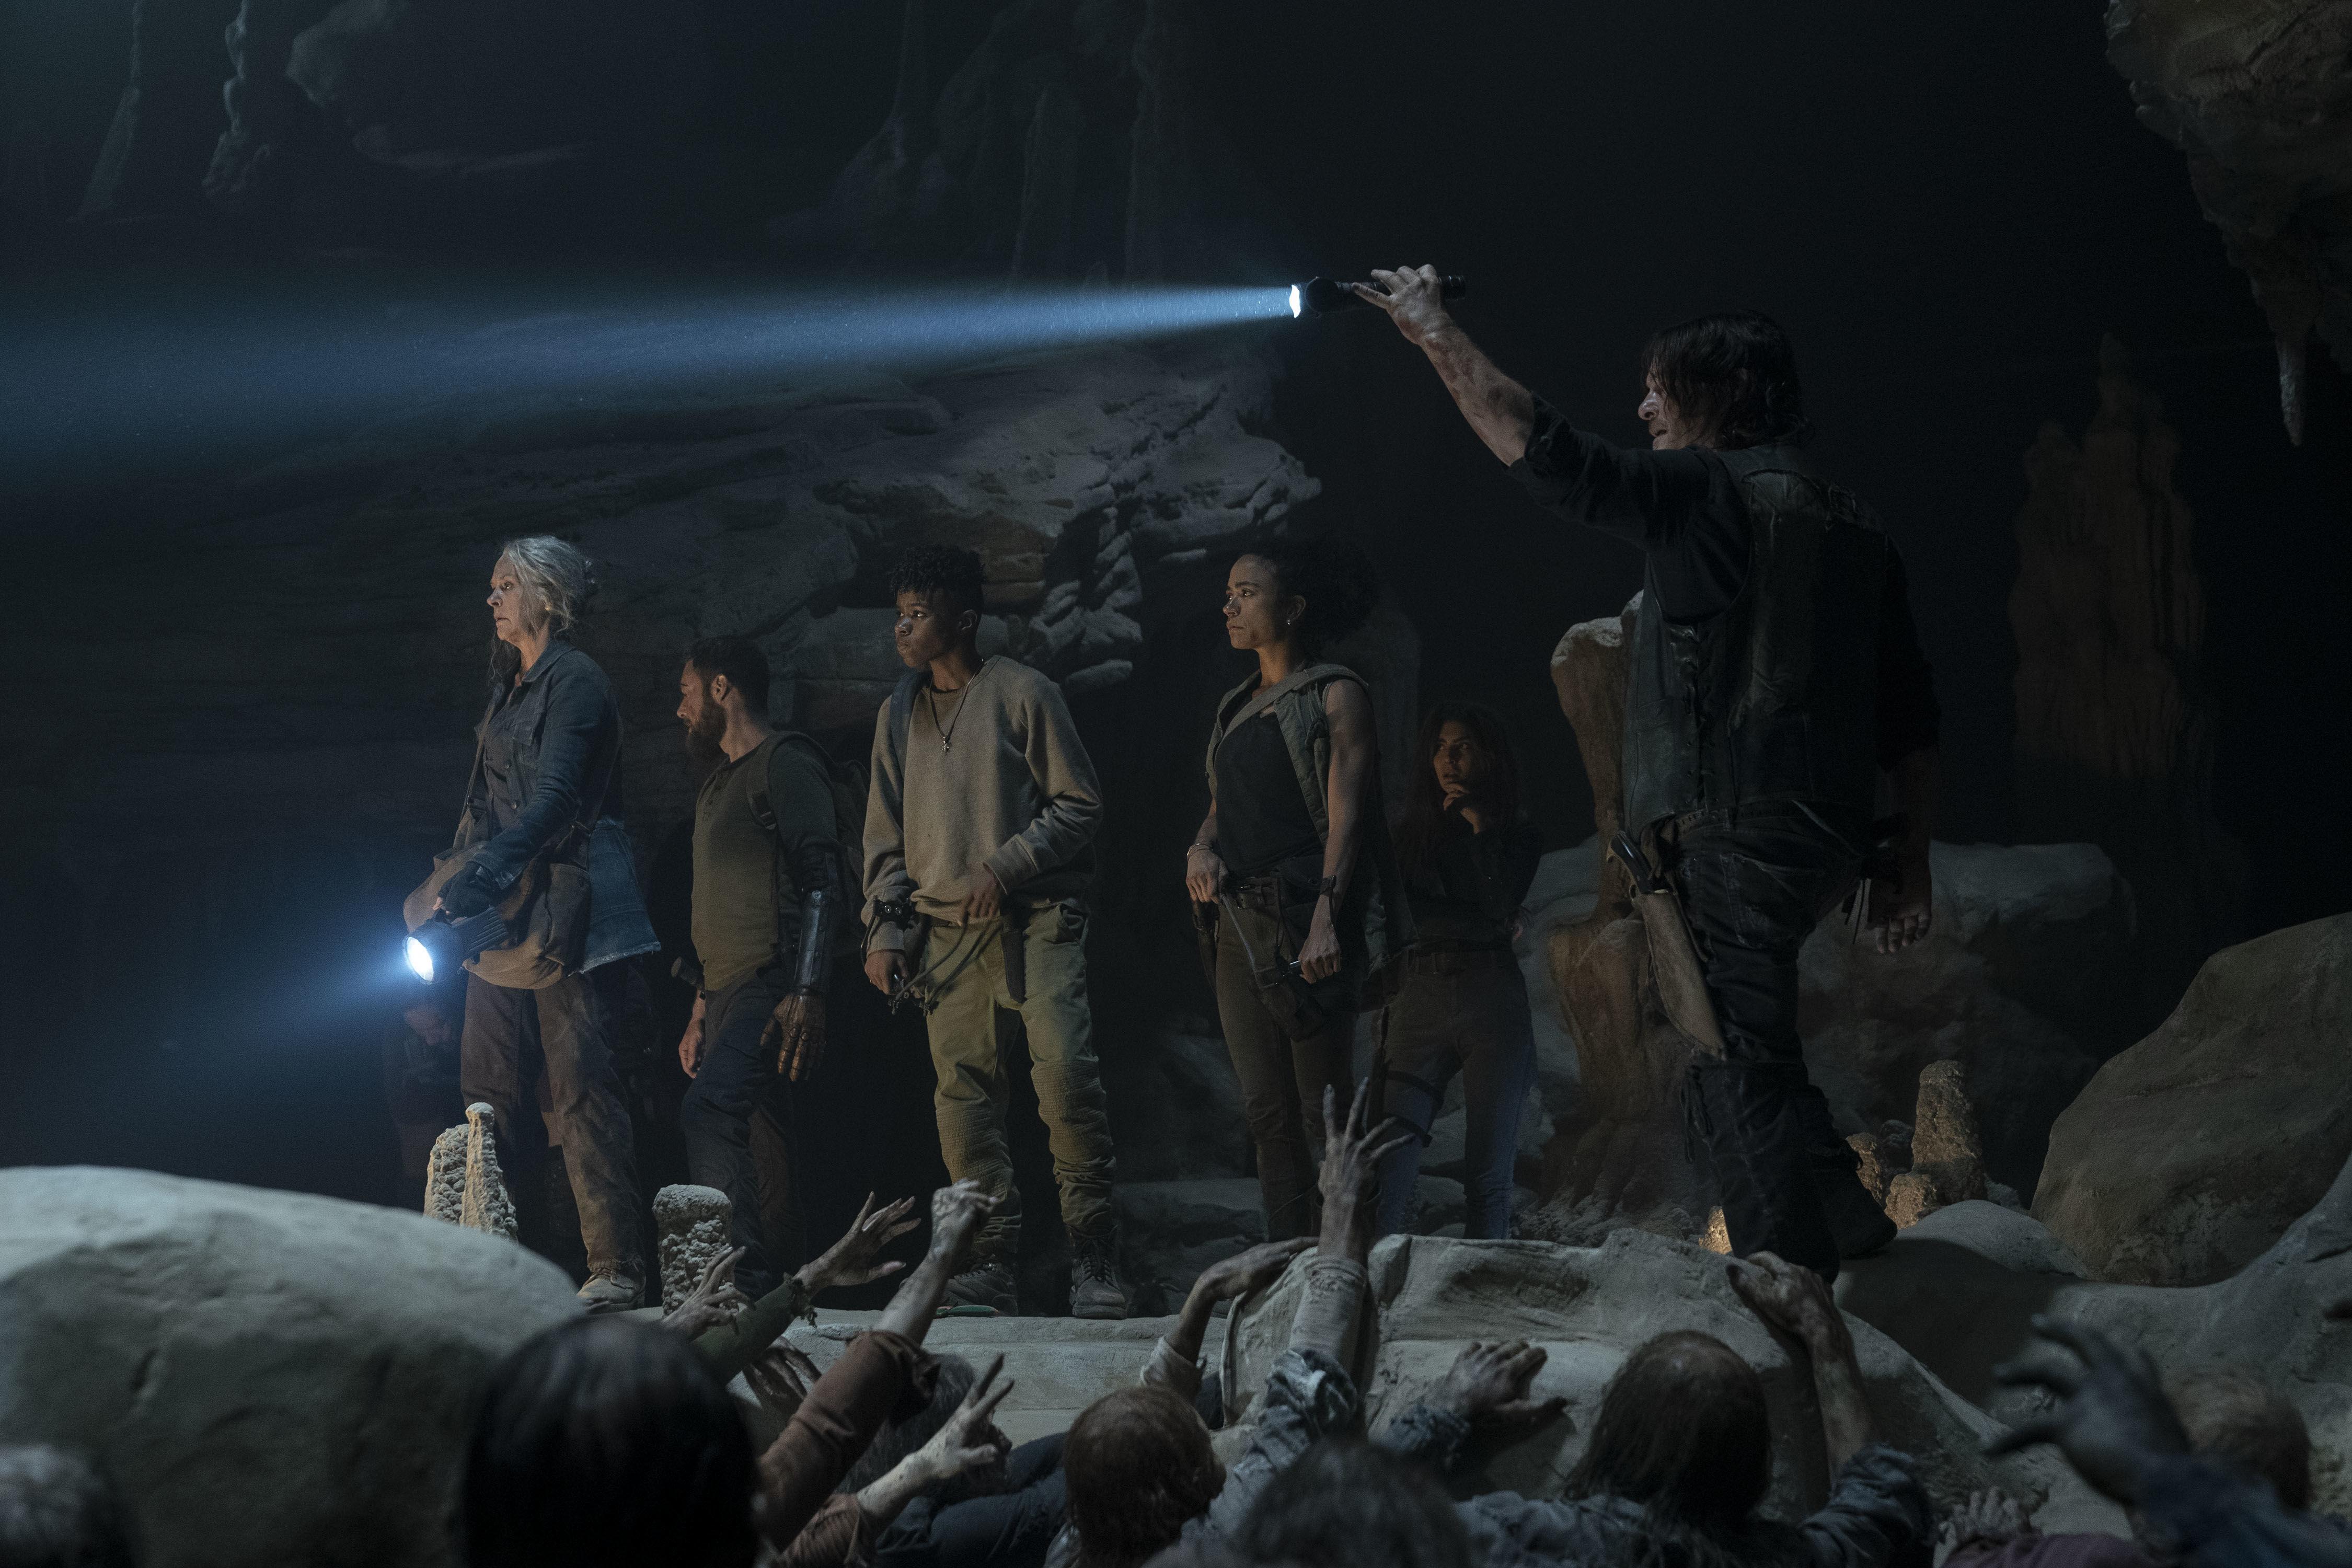 The Walking Dead showrunner teases Whisperer Negan, promises 'cliffhanger' finale